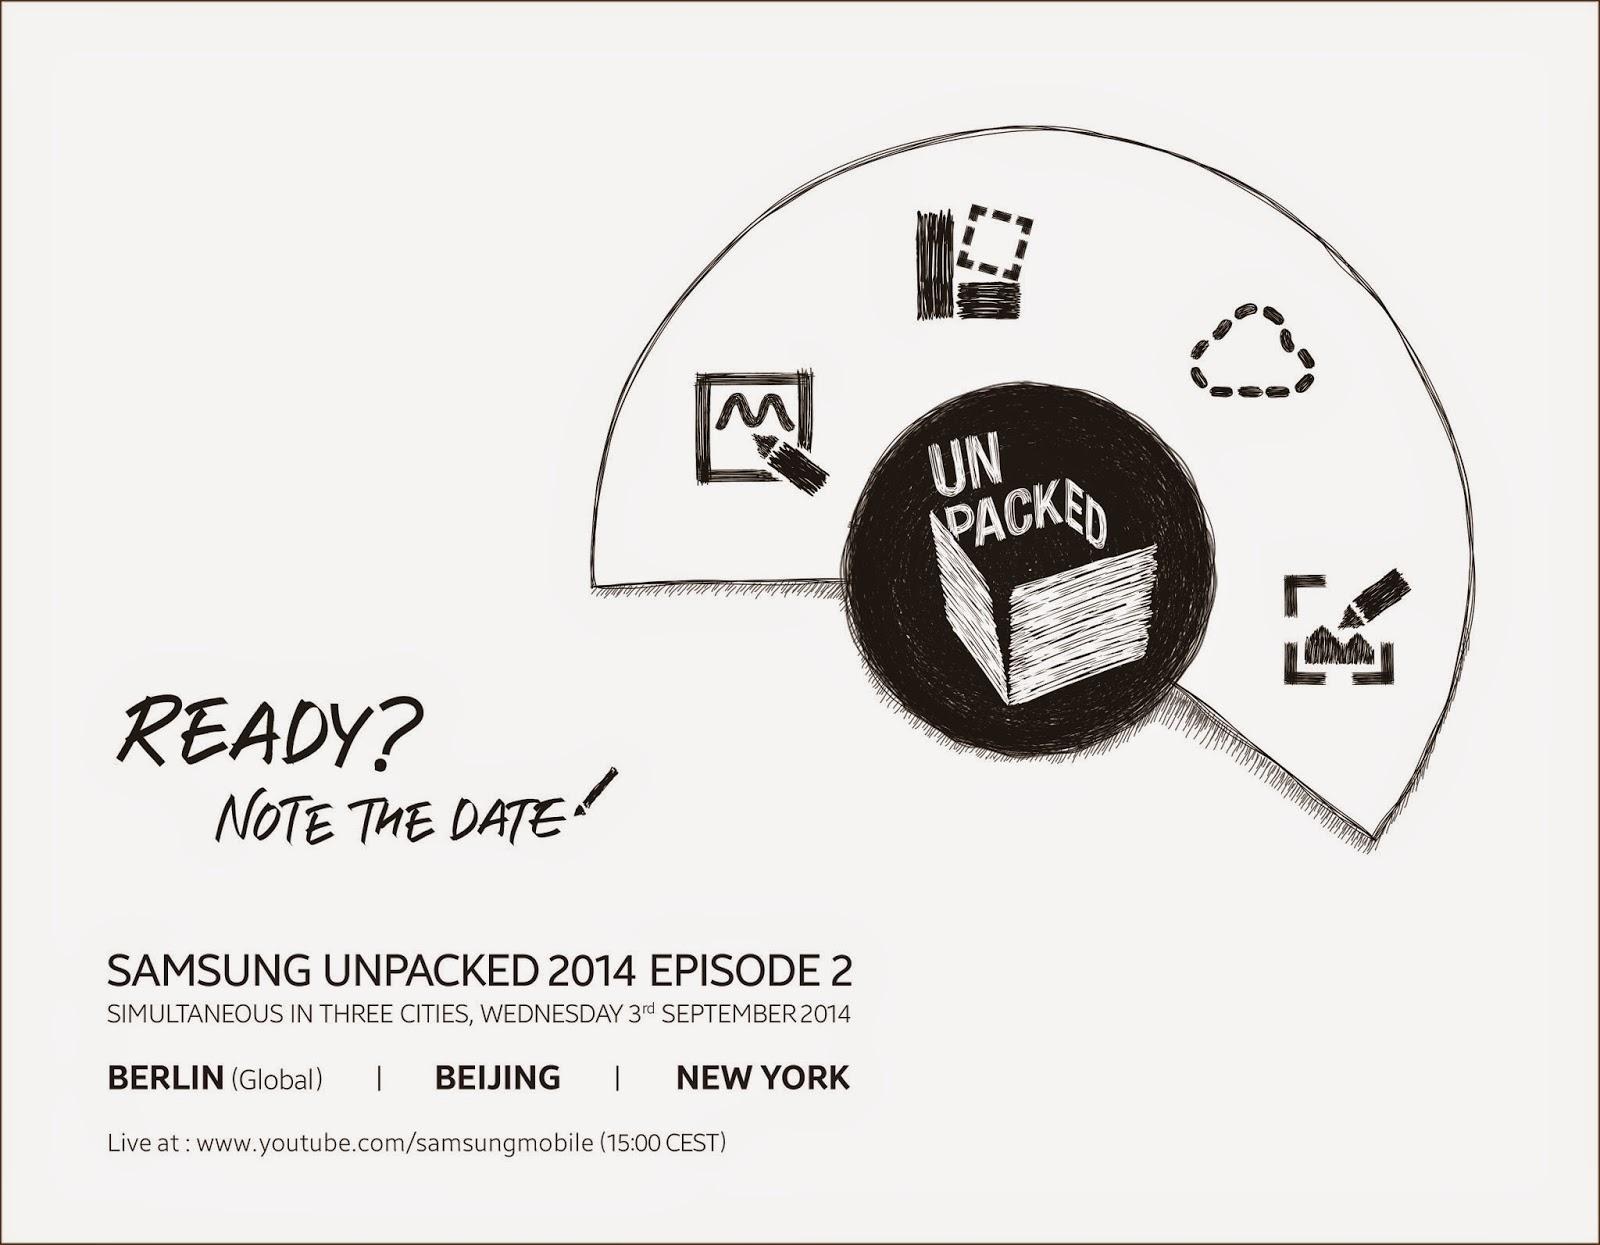 Samsung Unpacked 2014 Episode 2